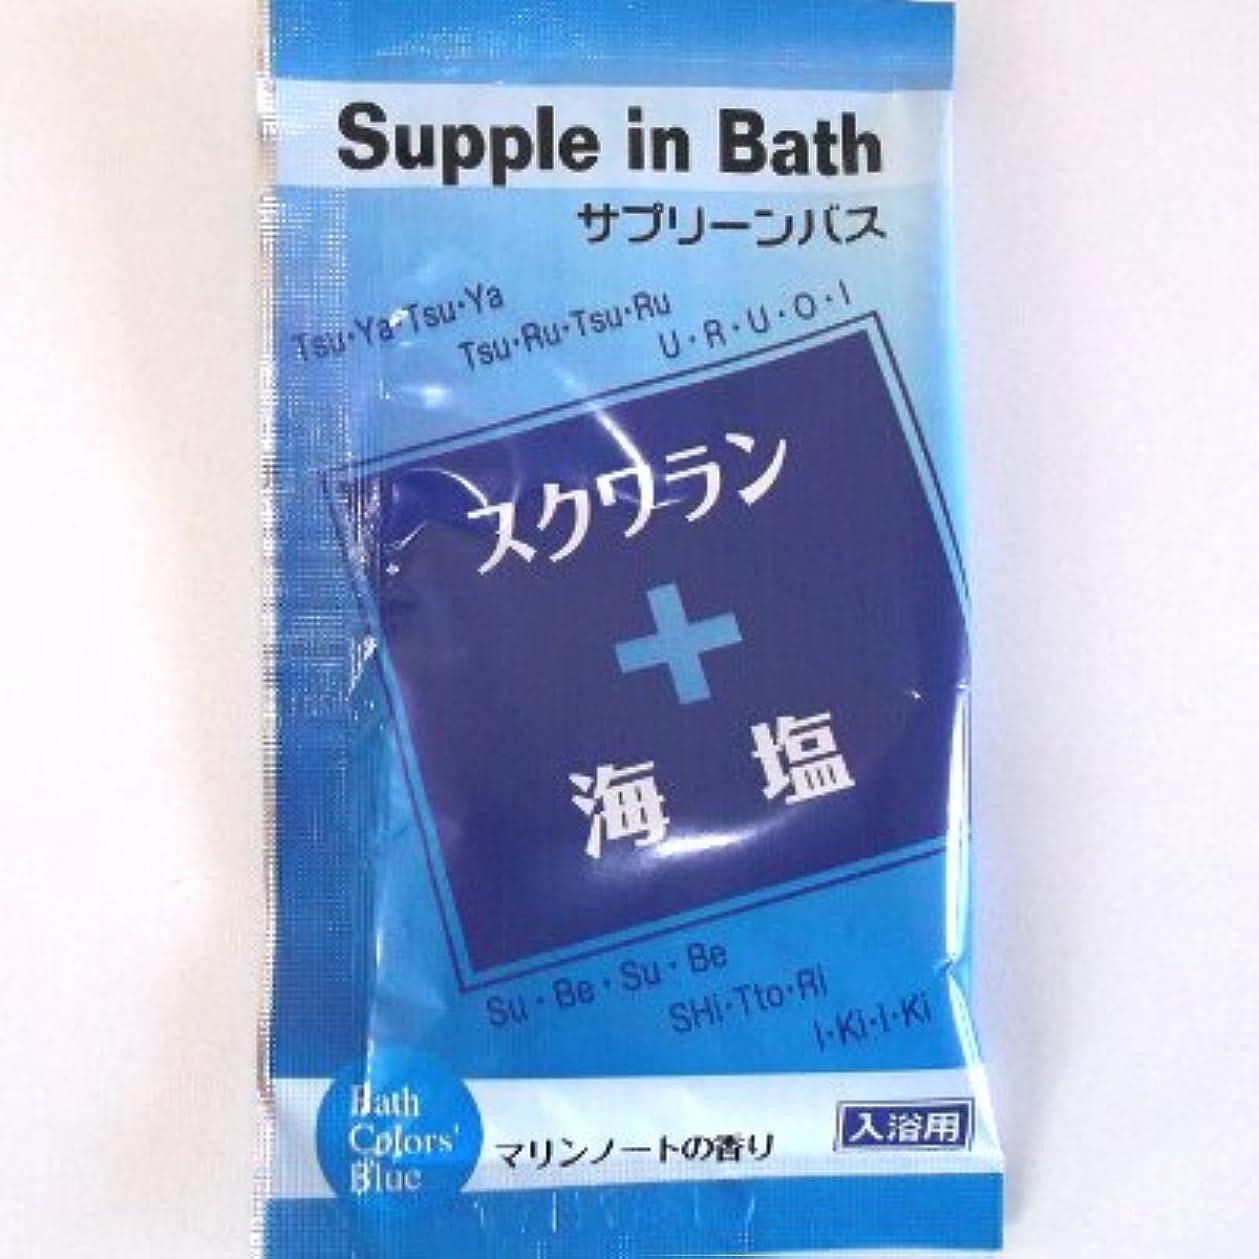 戻す盆石膏サプリーンバス スクワラン+海塩